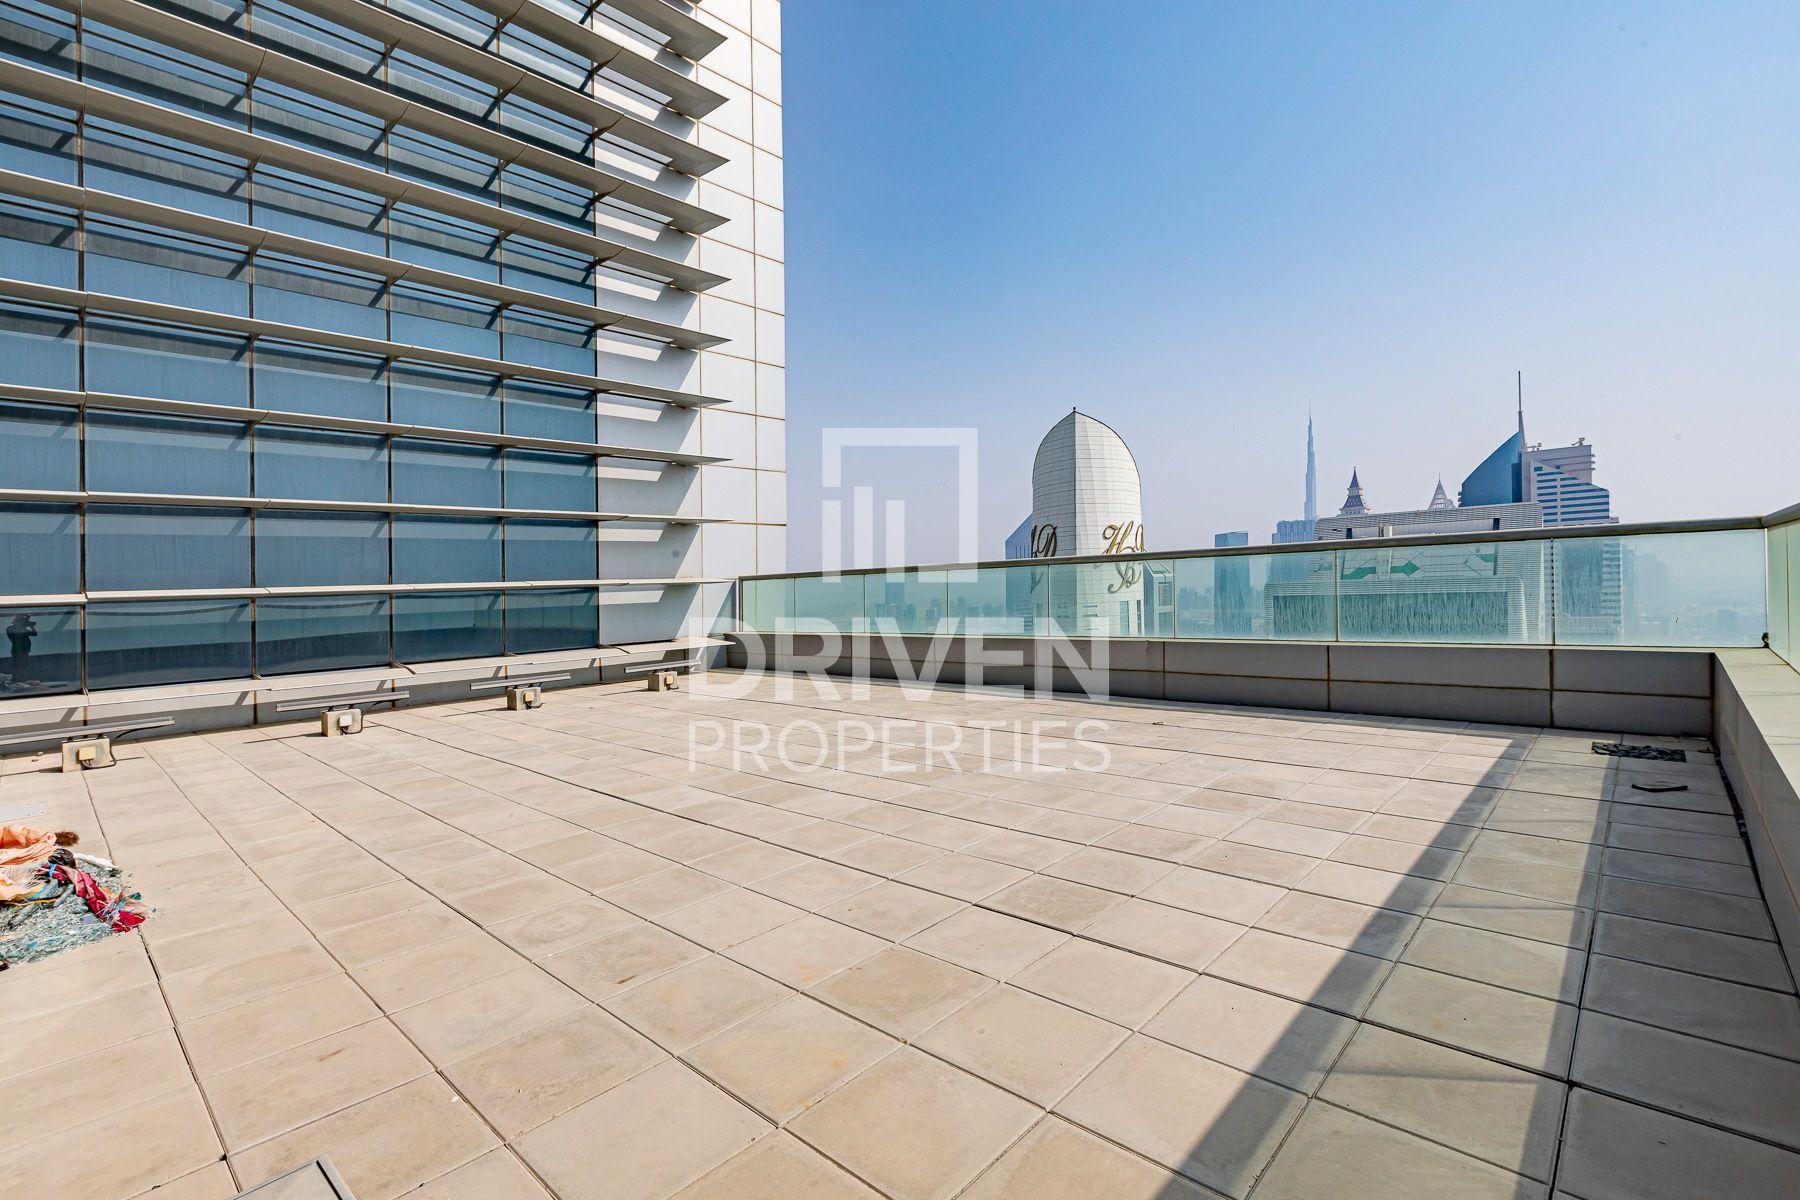 للايجار - مكتب - برج كونراد التجاري - شارع الشيخ زايد